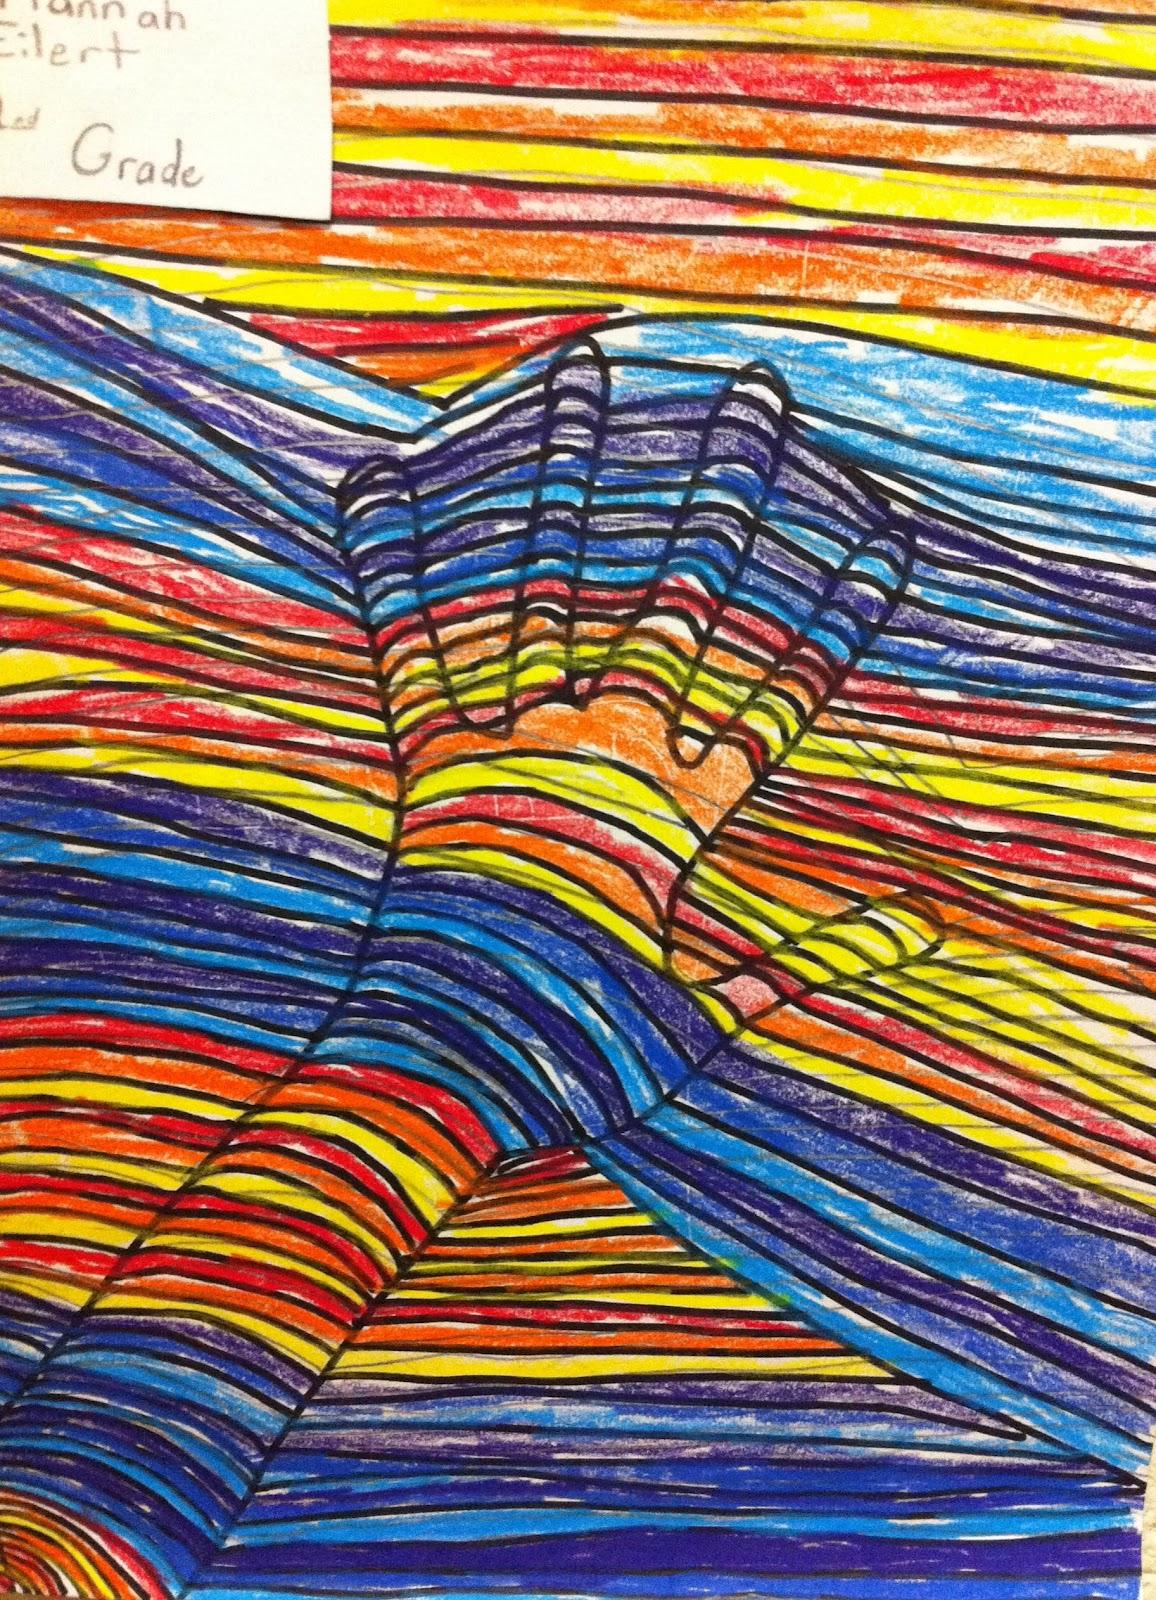 Second Grade OP Art